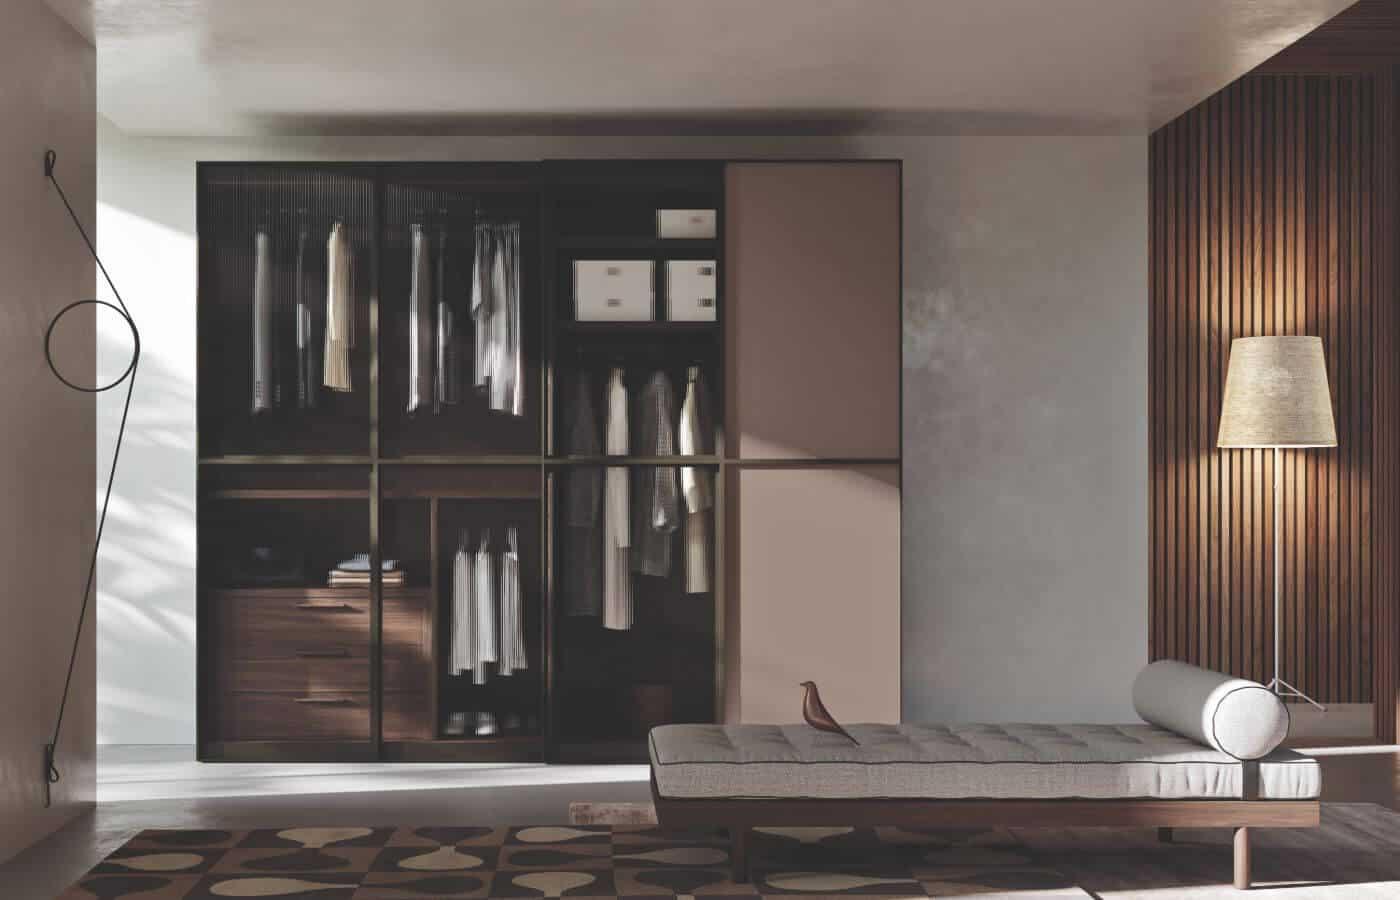 armadi-scorrevoli-collezione-windows-il-mobile (1)